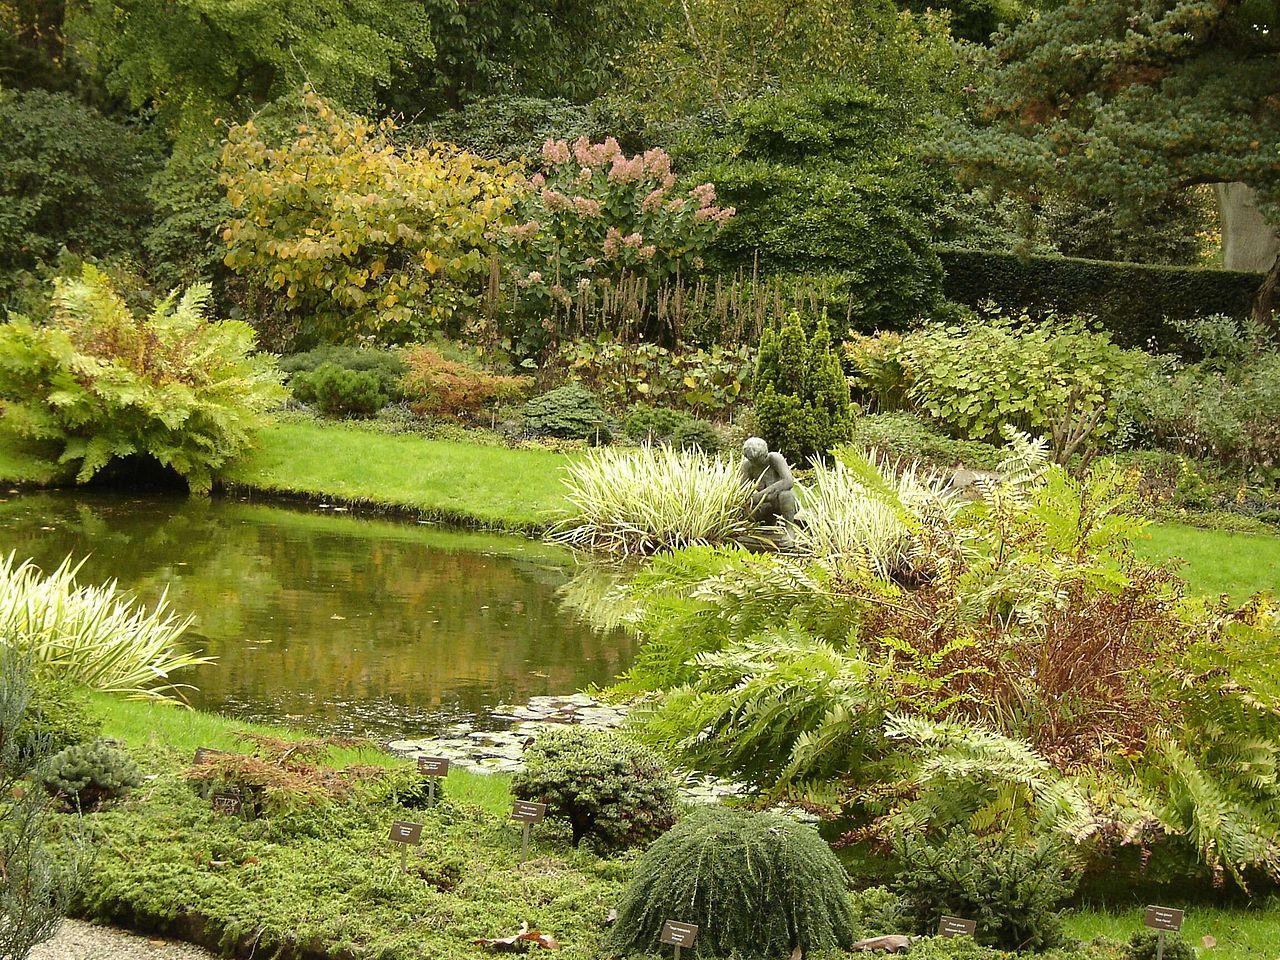 Zien buurt rotterdam trompenburg tuinen arboretum for De tuinen rotterdam